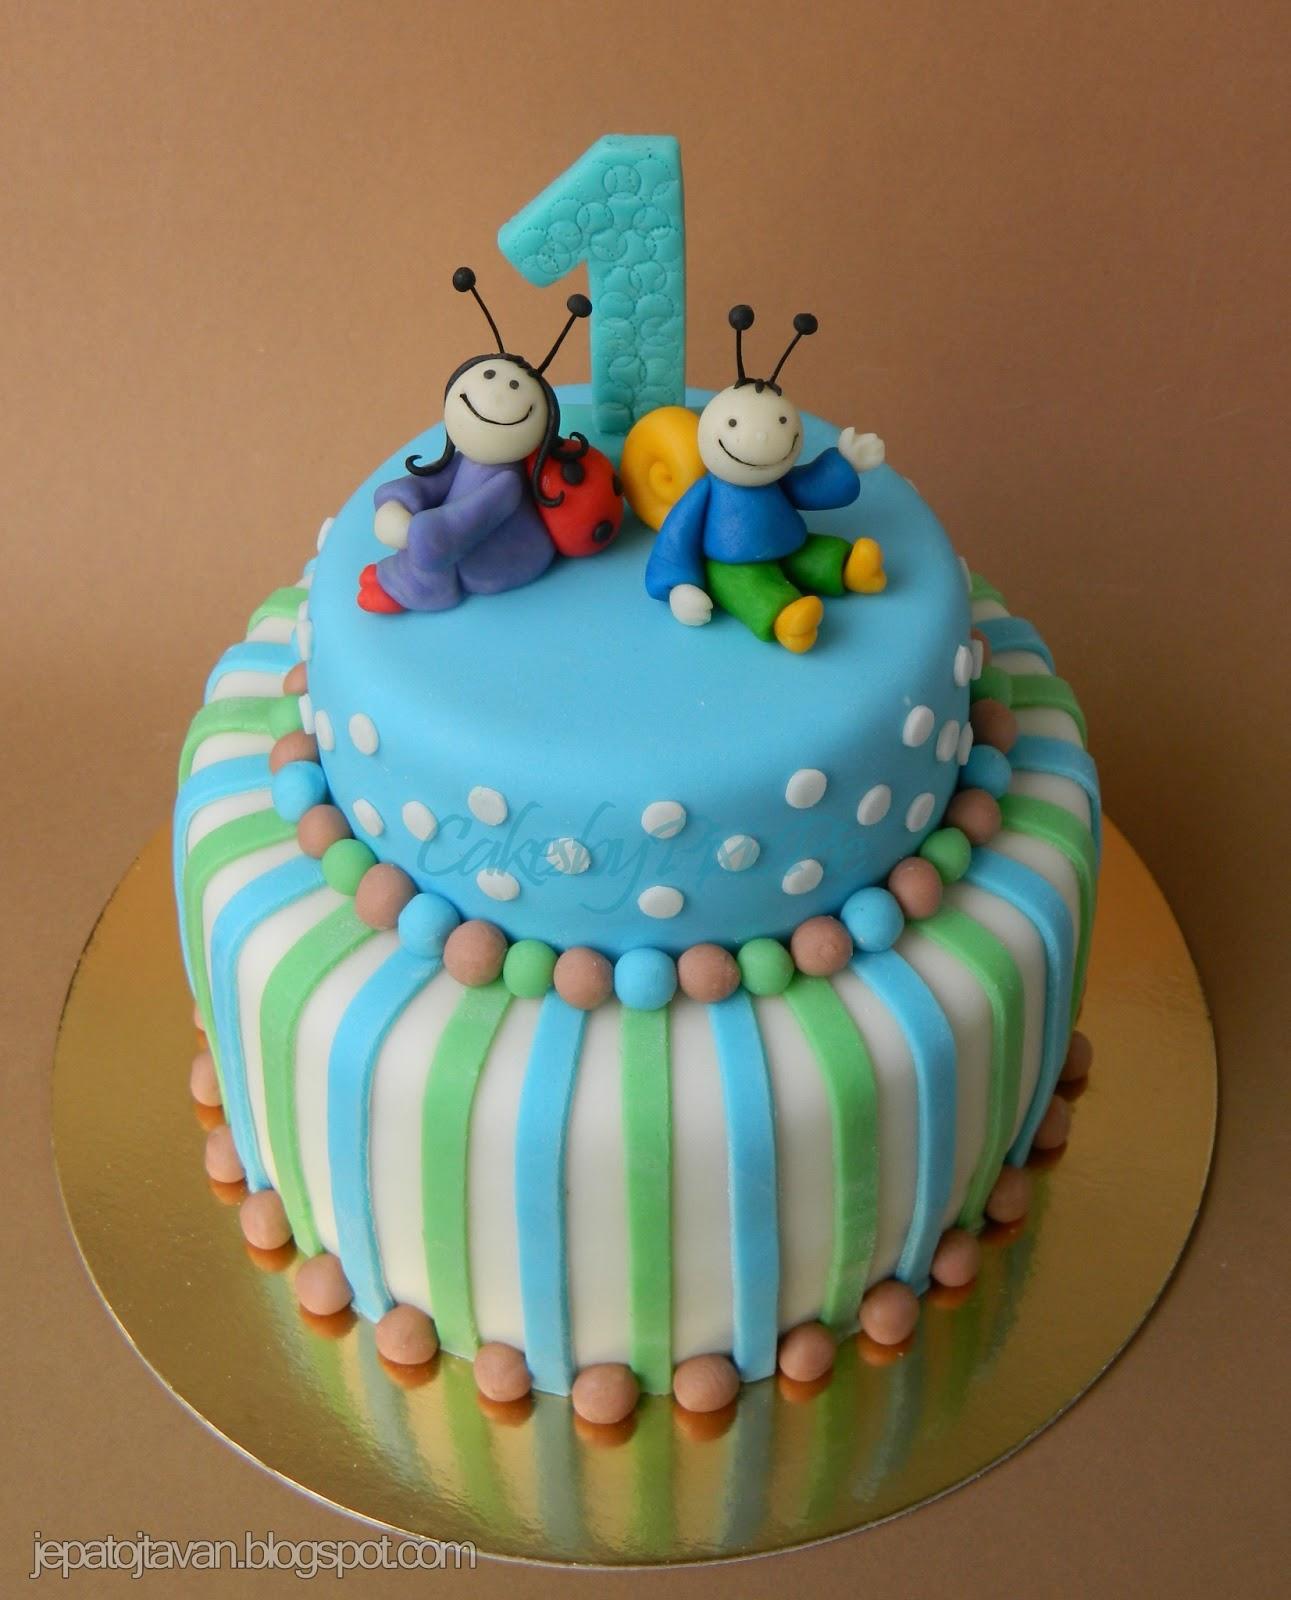 bogyó és babóca torta képek Jépatojta van!: Bogyó és Babóca torta fiús verzió bogyó és babóca torta képek